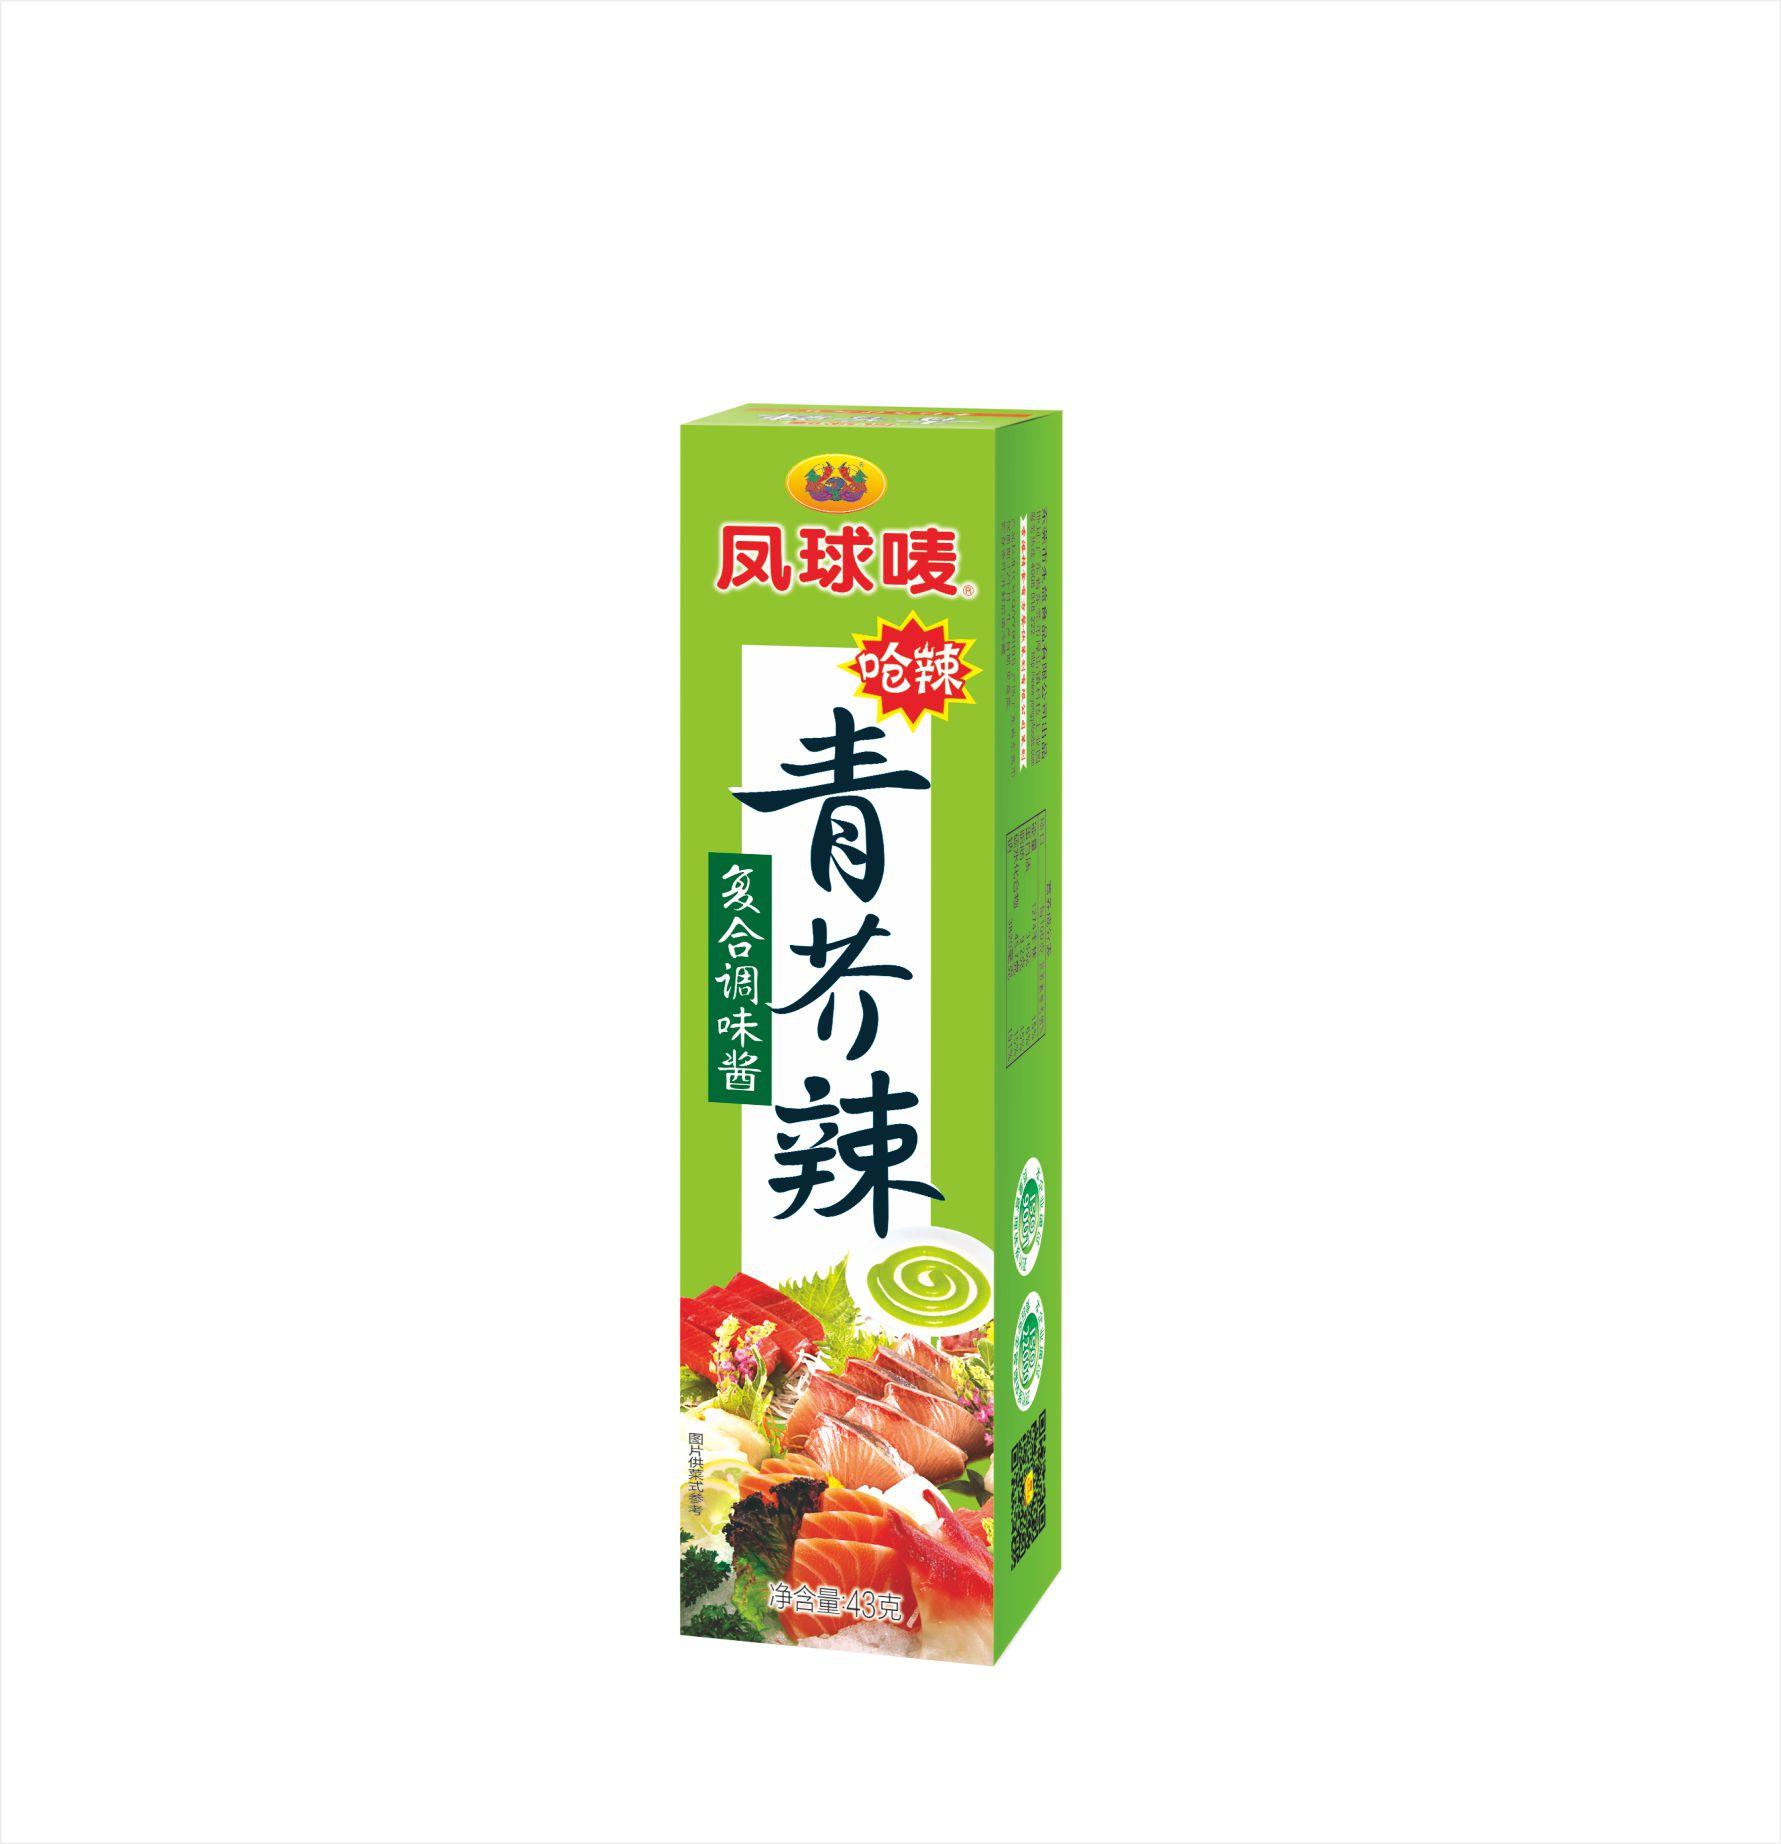 青芥辣43g